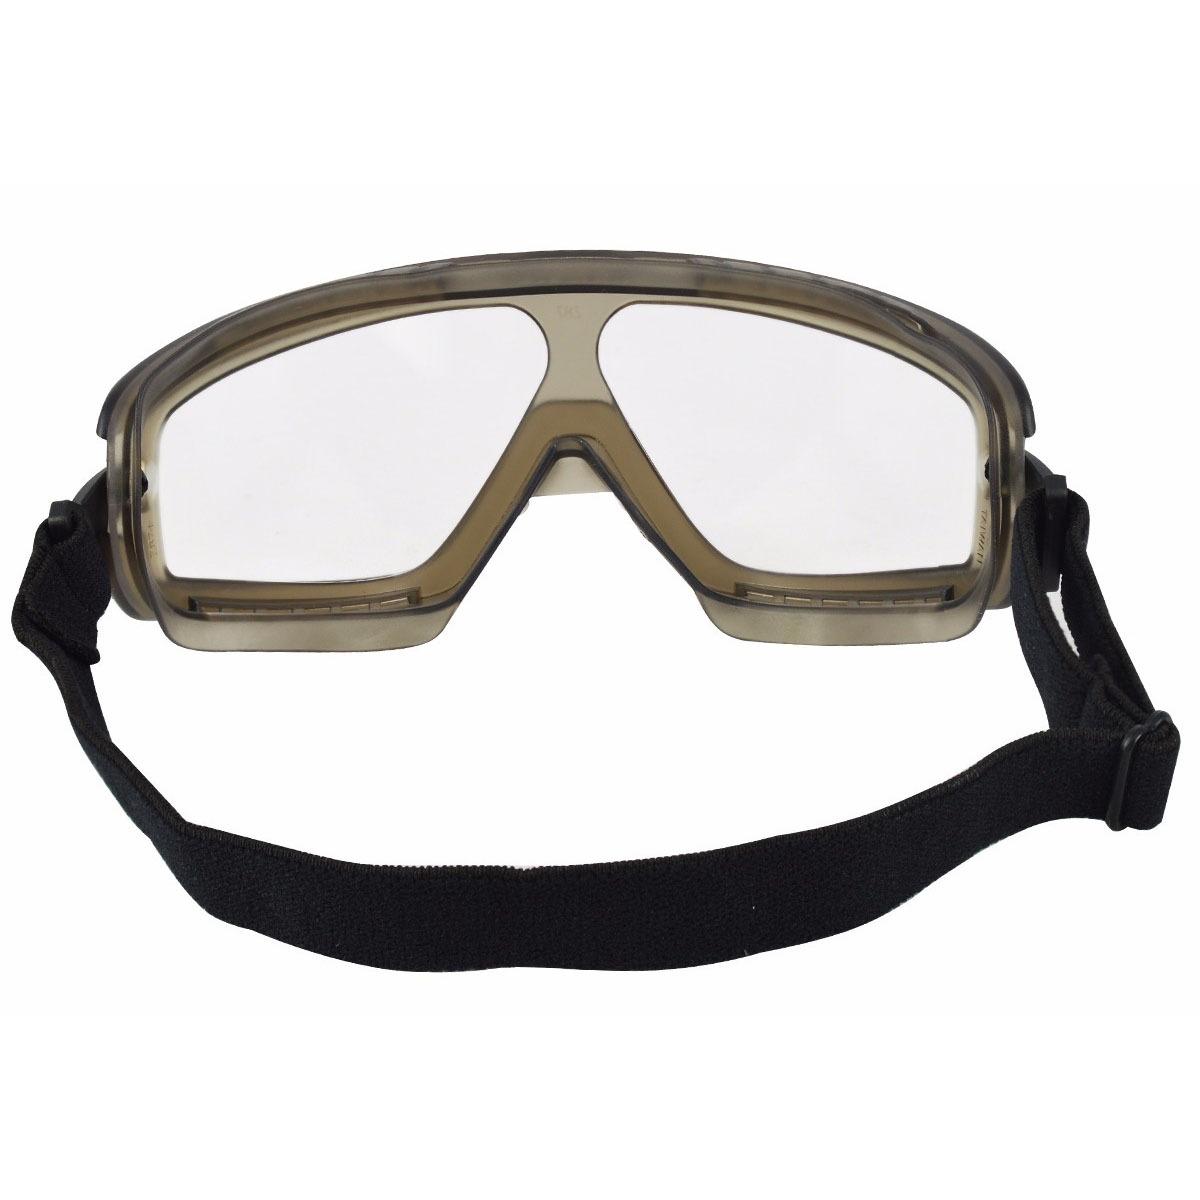 Óculos De Proteção Ampla Visão Cinza Titanium Danny - R  44,90 em ... 384a87cbcc